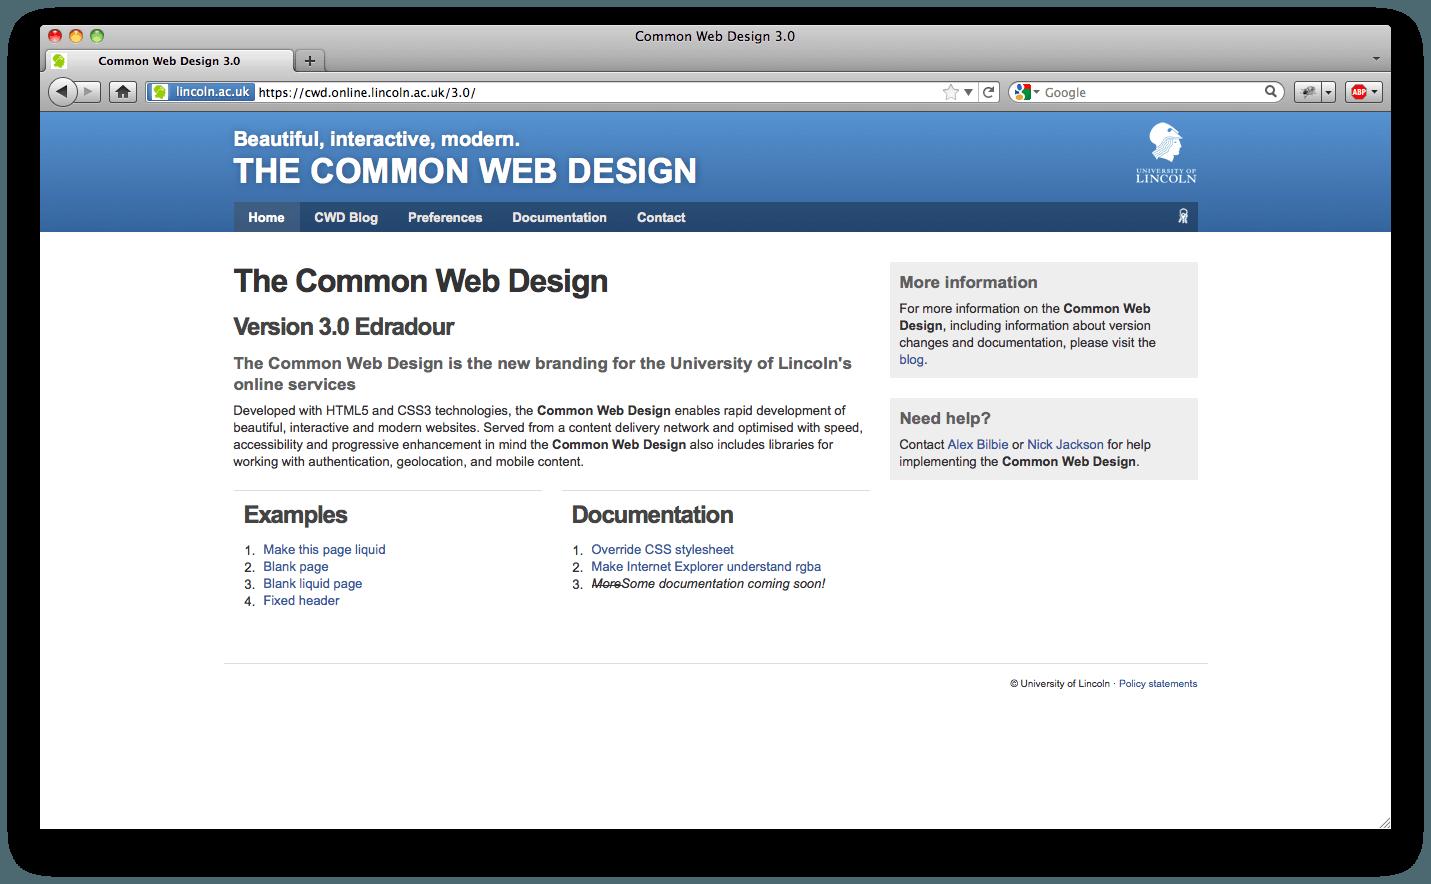 CWD3.0